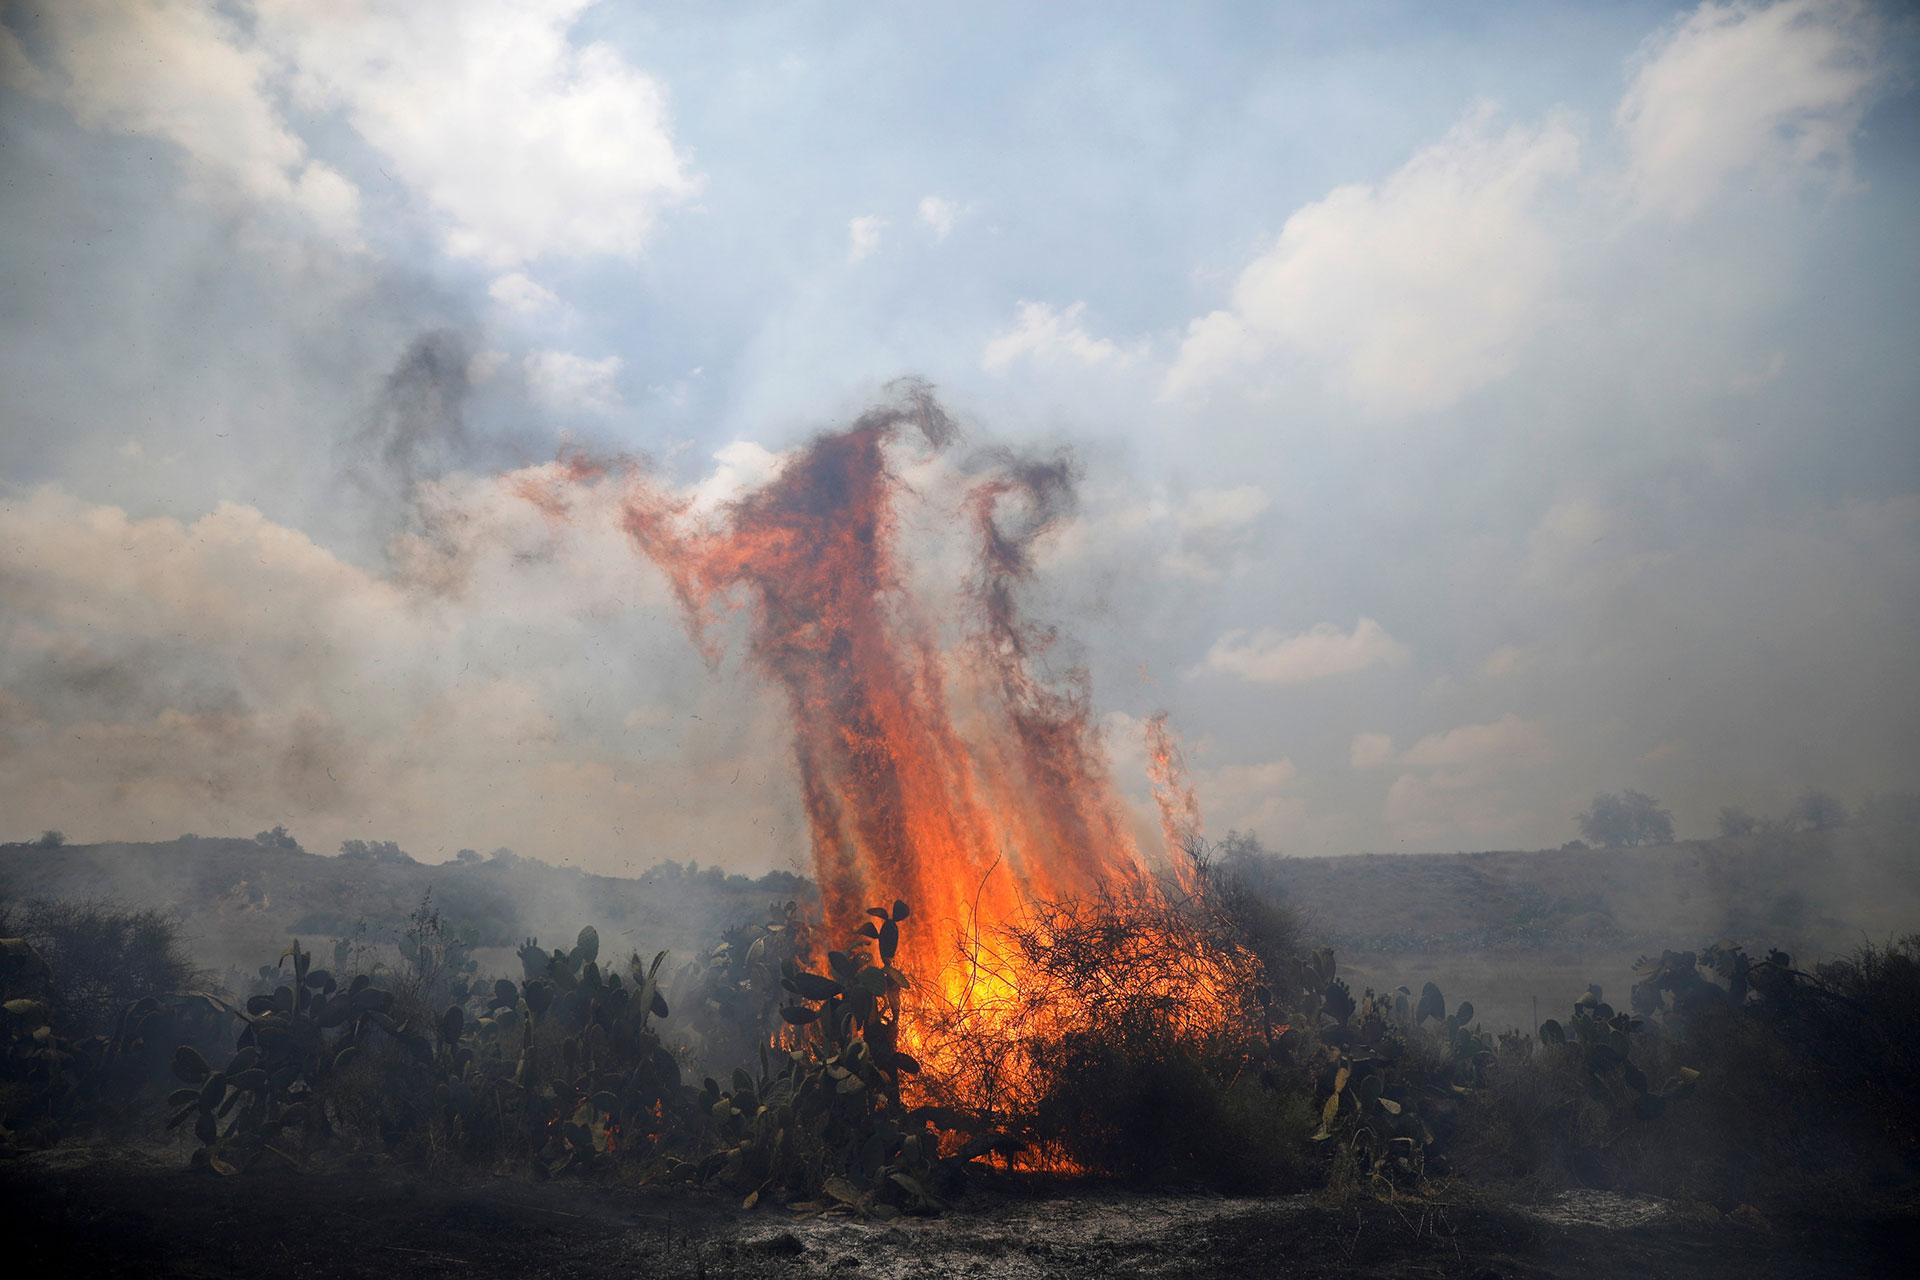 Los incendios provocados afectaron 910 hectáreas de campos y bosques, causando 2,5 millones de dólares en daños (Reuters)